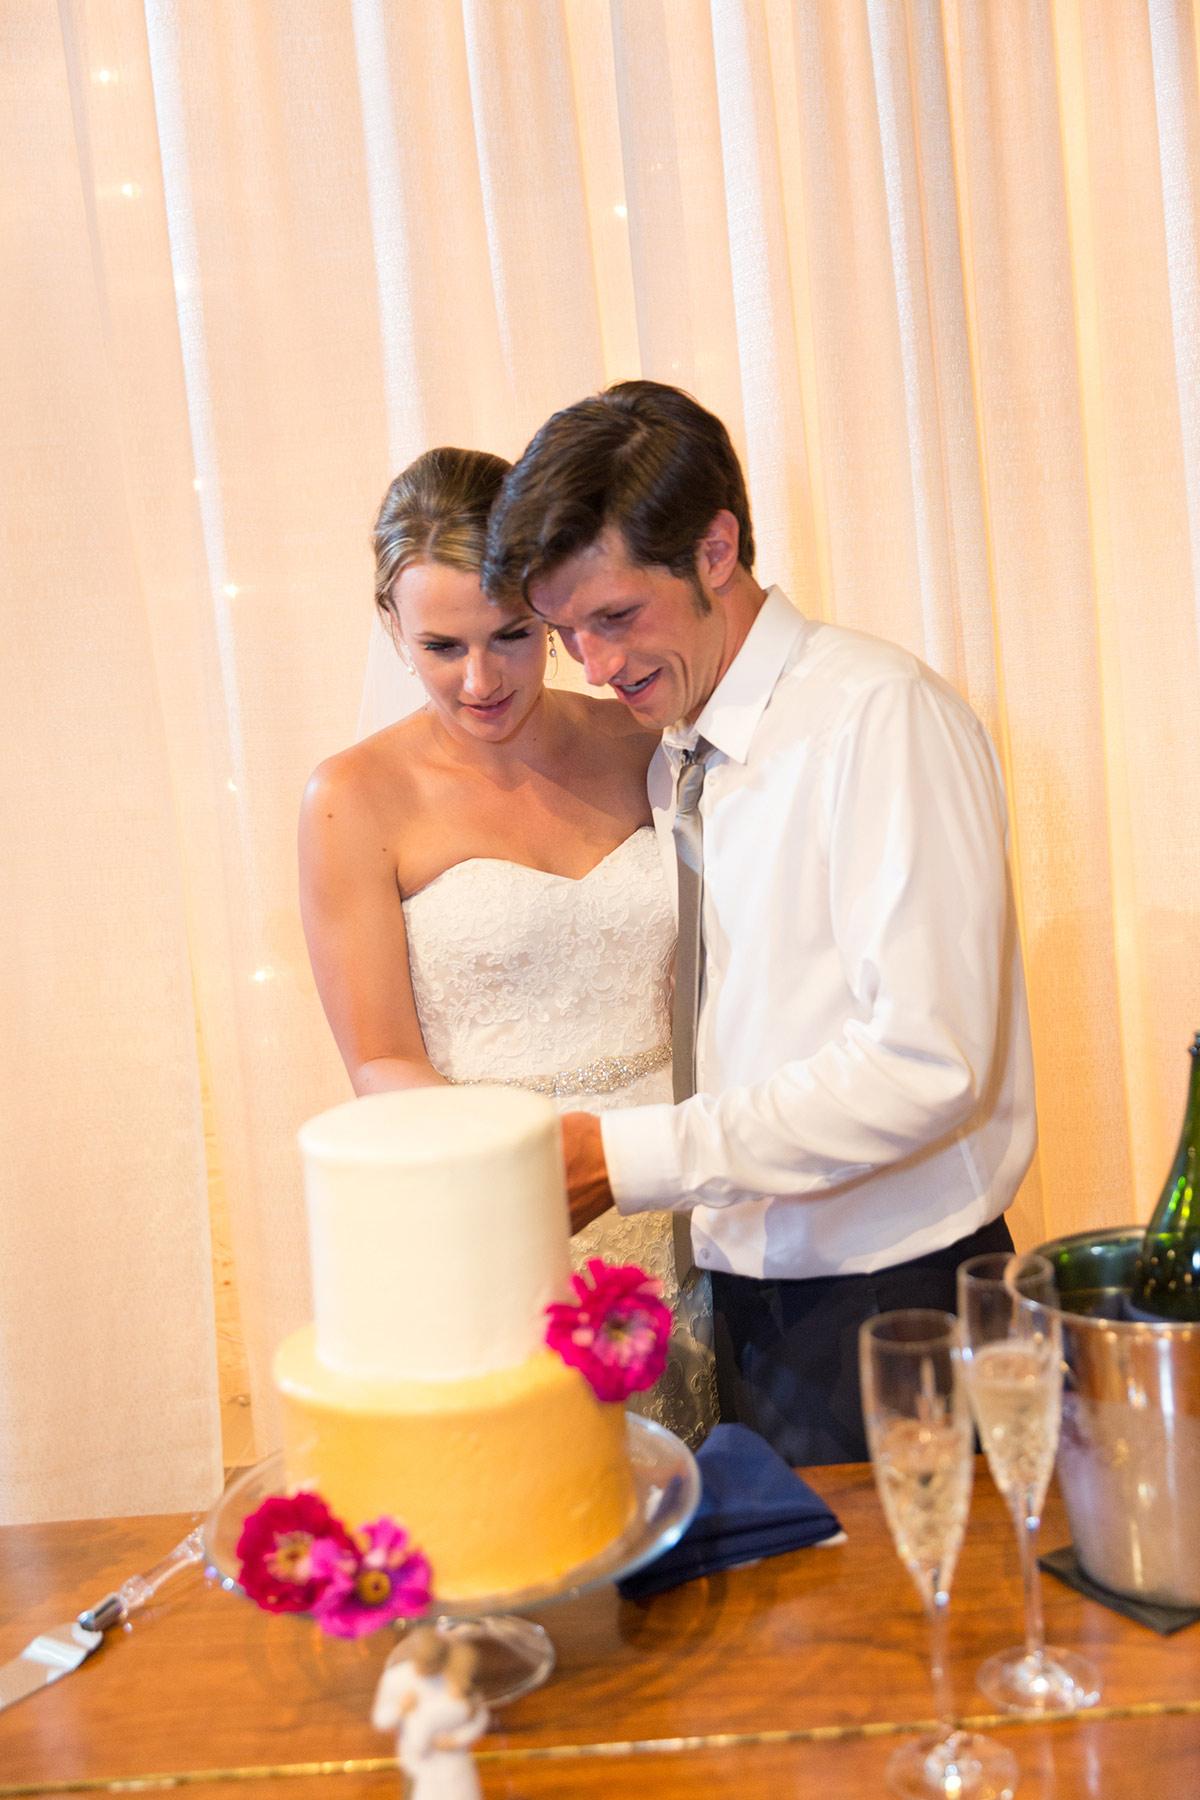 062516_Schumacher_Wedding-649